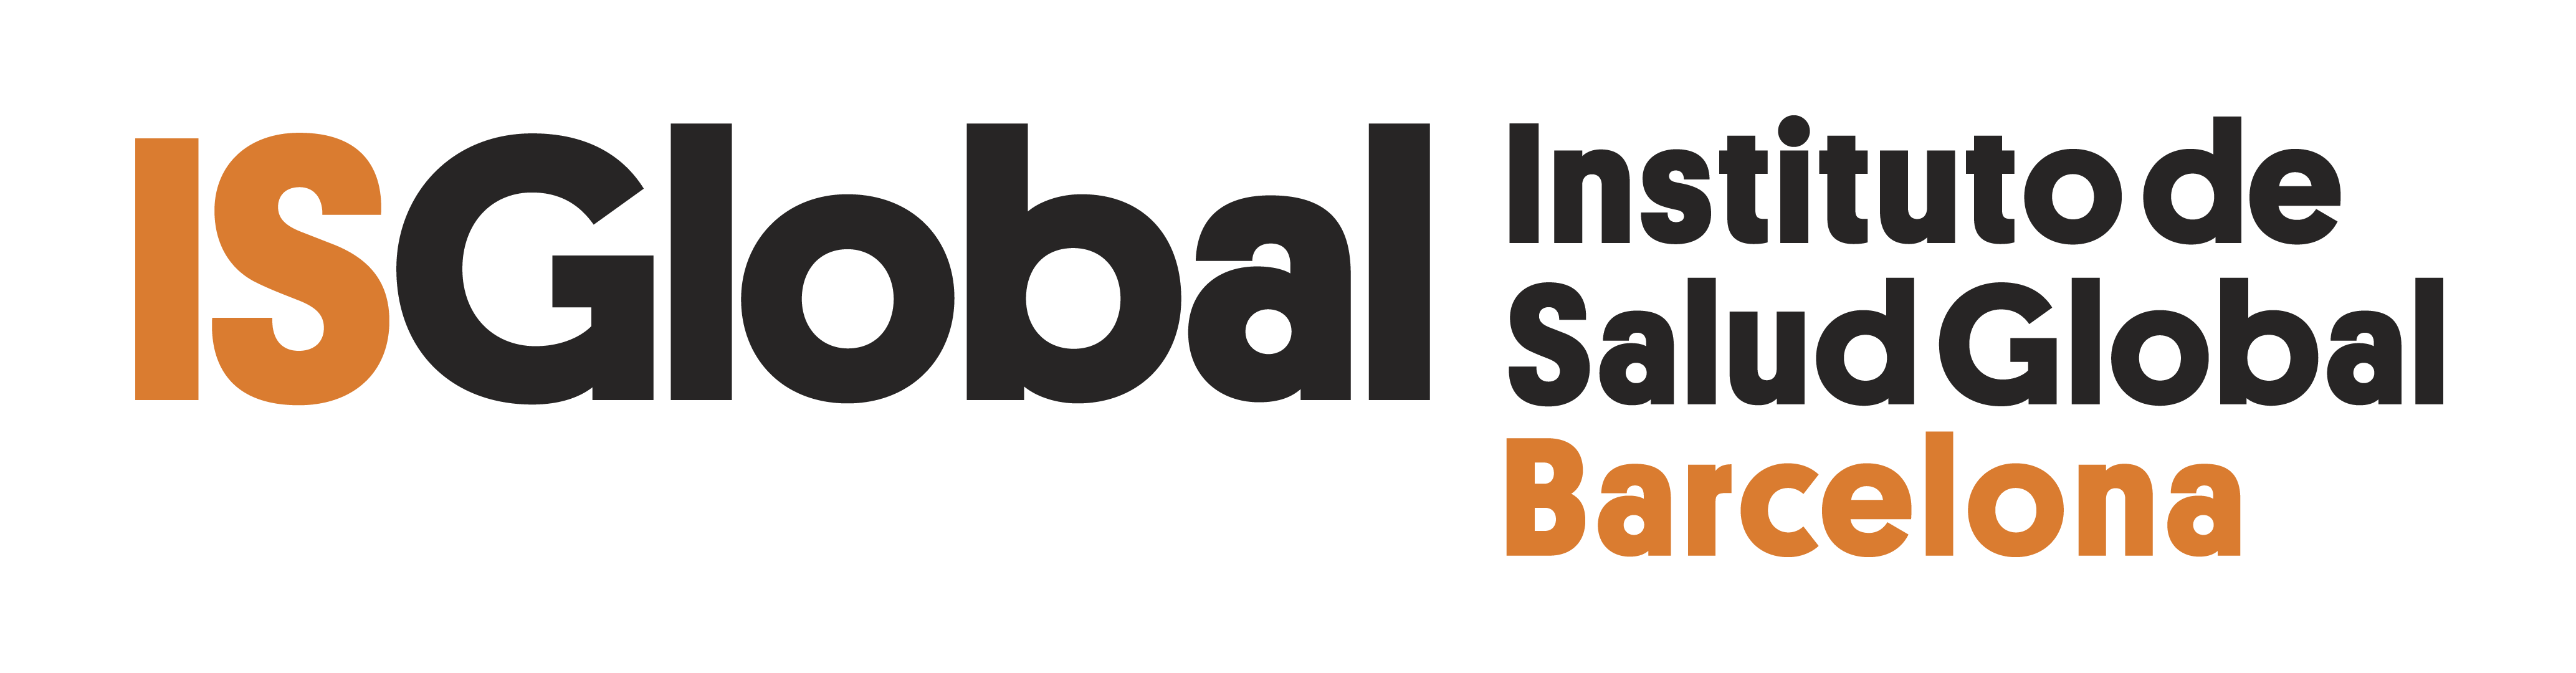 ISGlobal – Historia del tratamiento de la malaria Logo